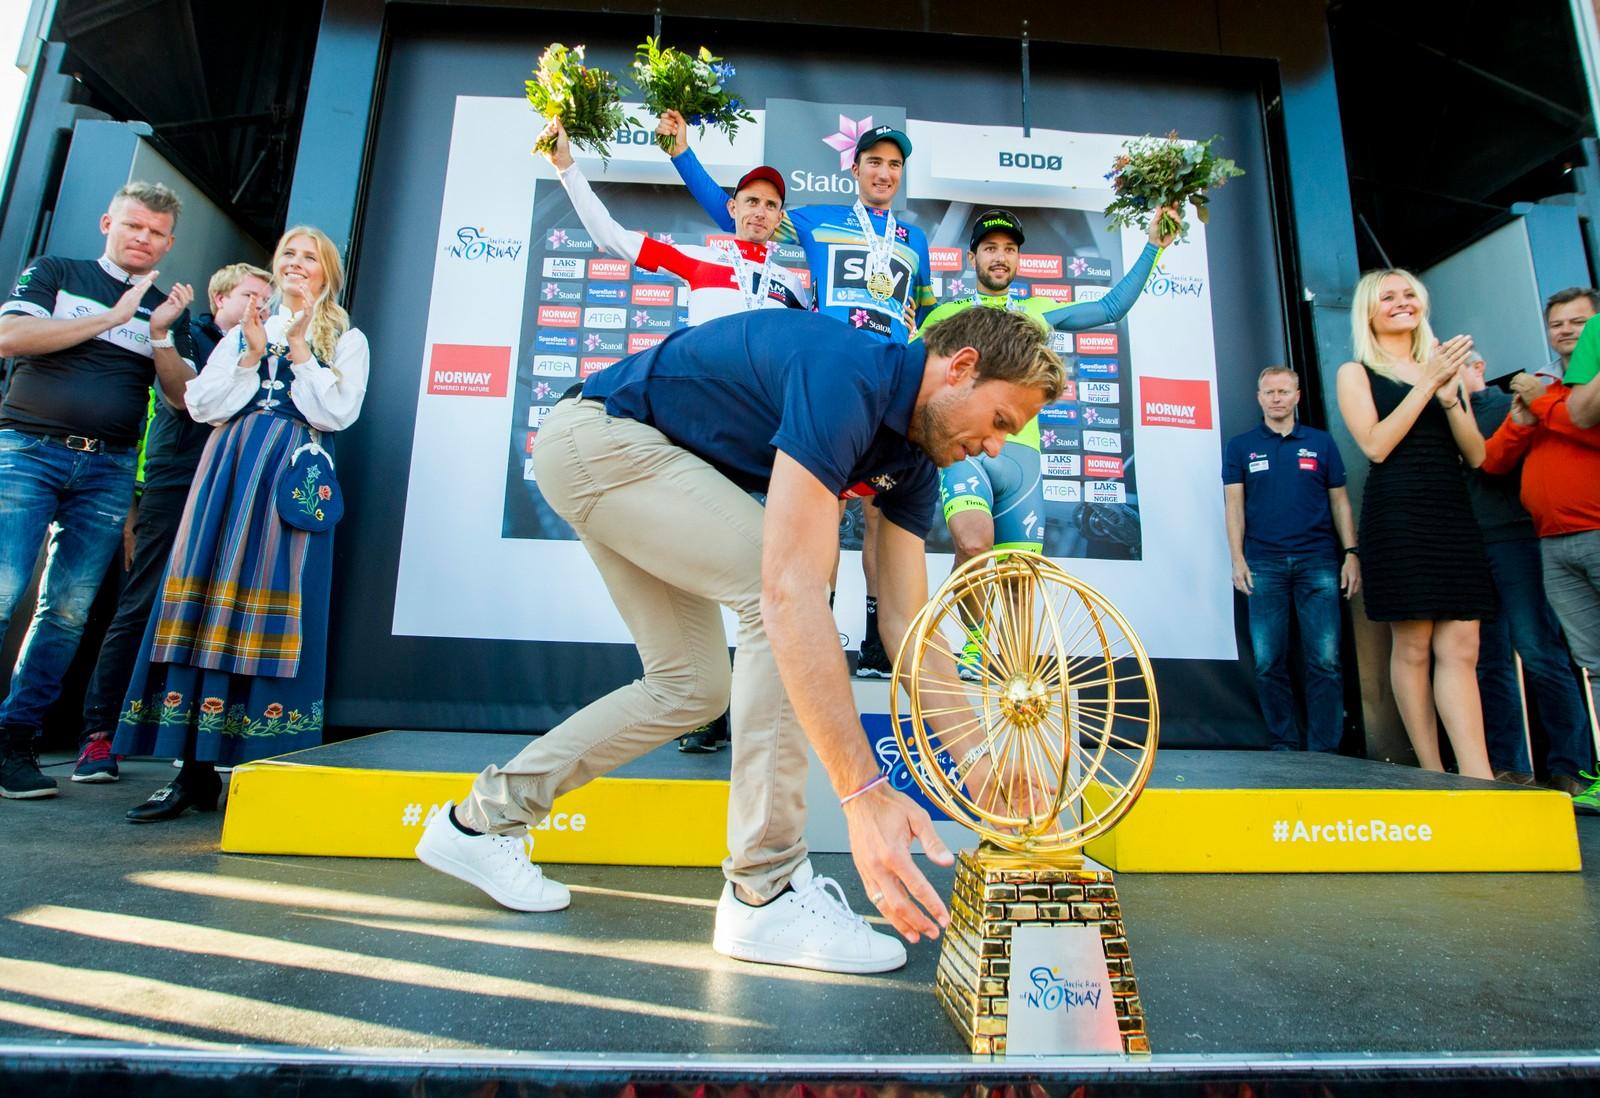 Thor Hushovd, ambassadør og tidligere vinner av Arctic Race of Norway, plukker opp sammenlagttrofeet for å gi det til Gianni Moscon fra Italia (Team Sky) etter fjerde og siste etappe i sykkelrittet Arctic Race of Norway søndag. Stef Clement (IAM) kom på 2.-plass, mens Oscar Gatto (Tinkoff) kom på 3.-plass.